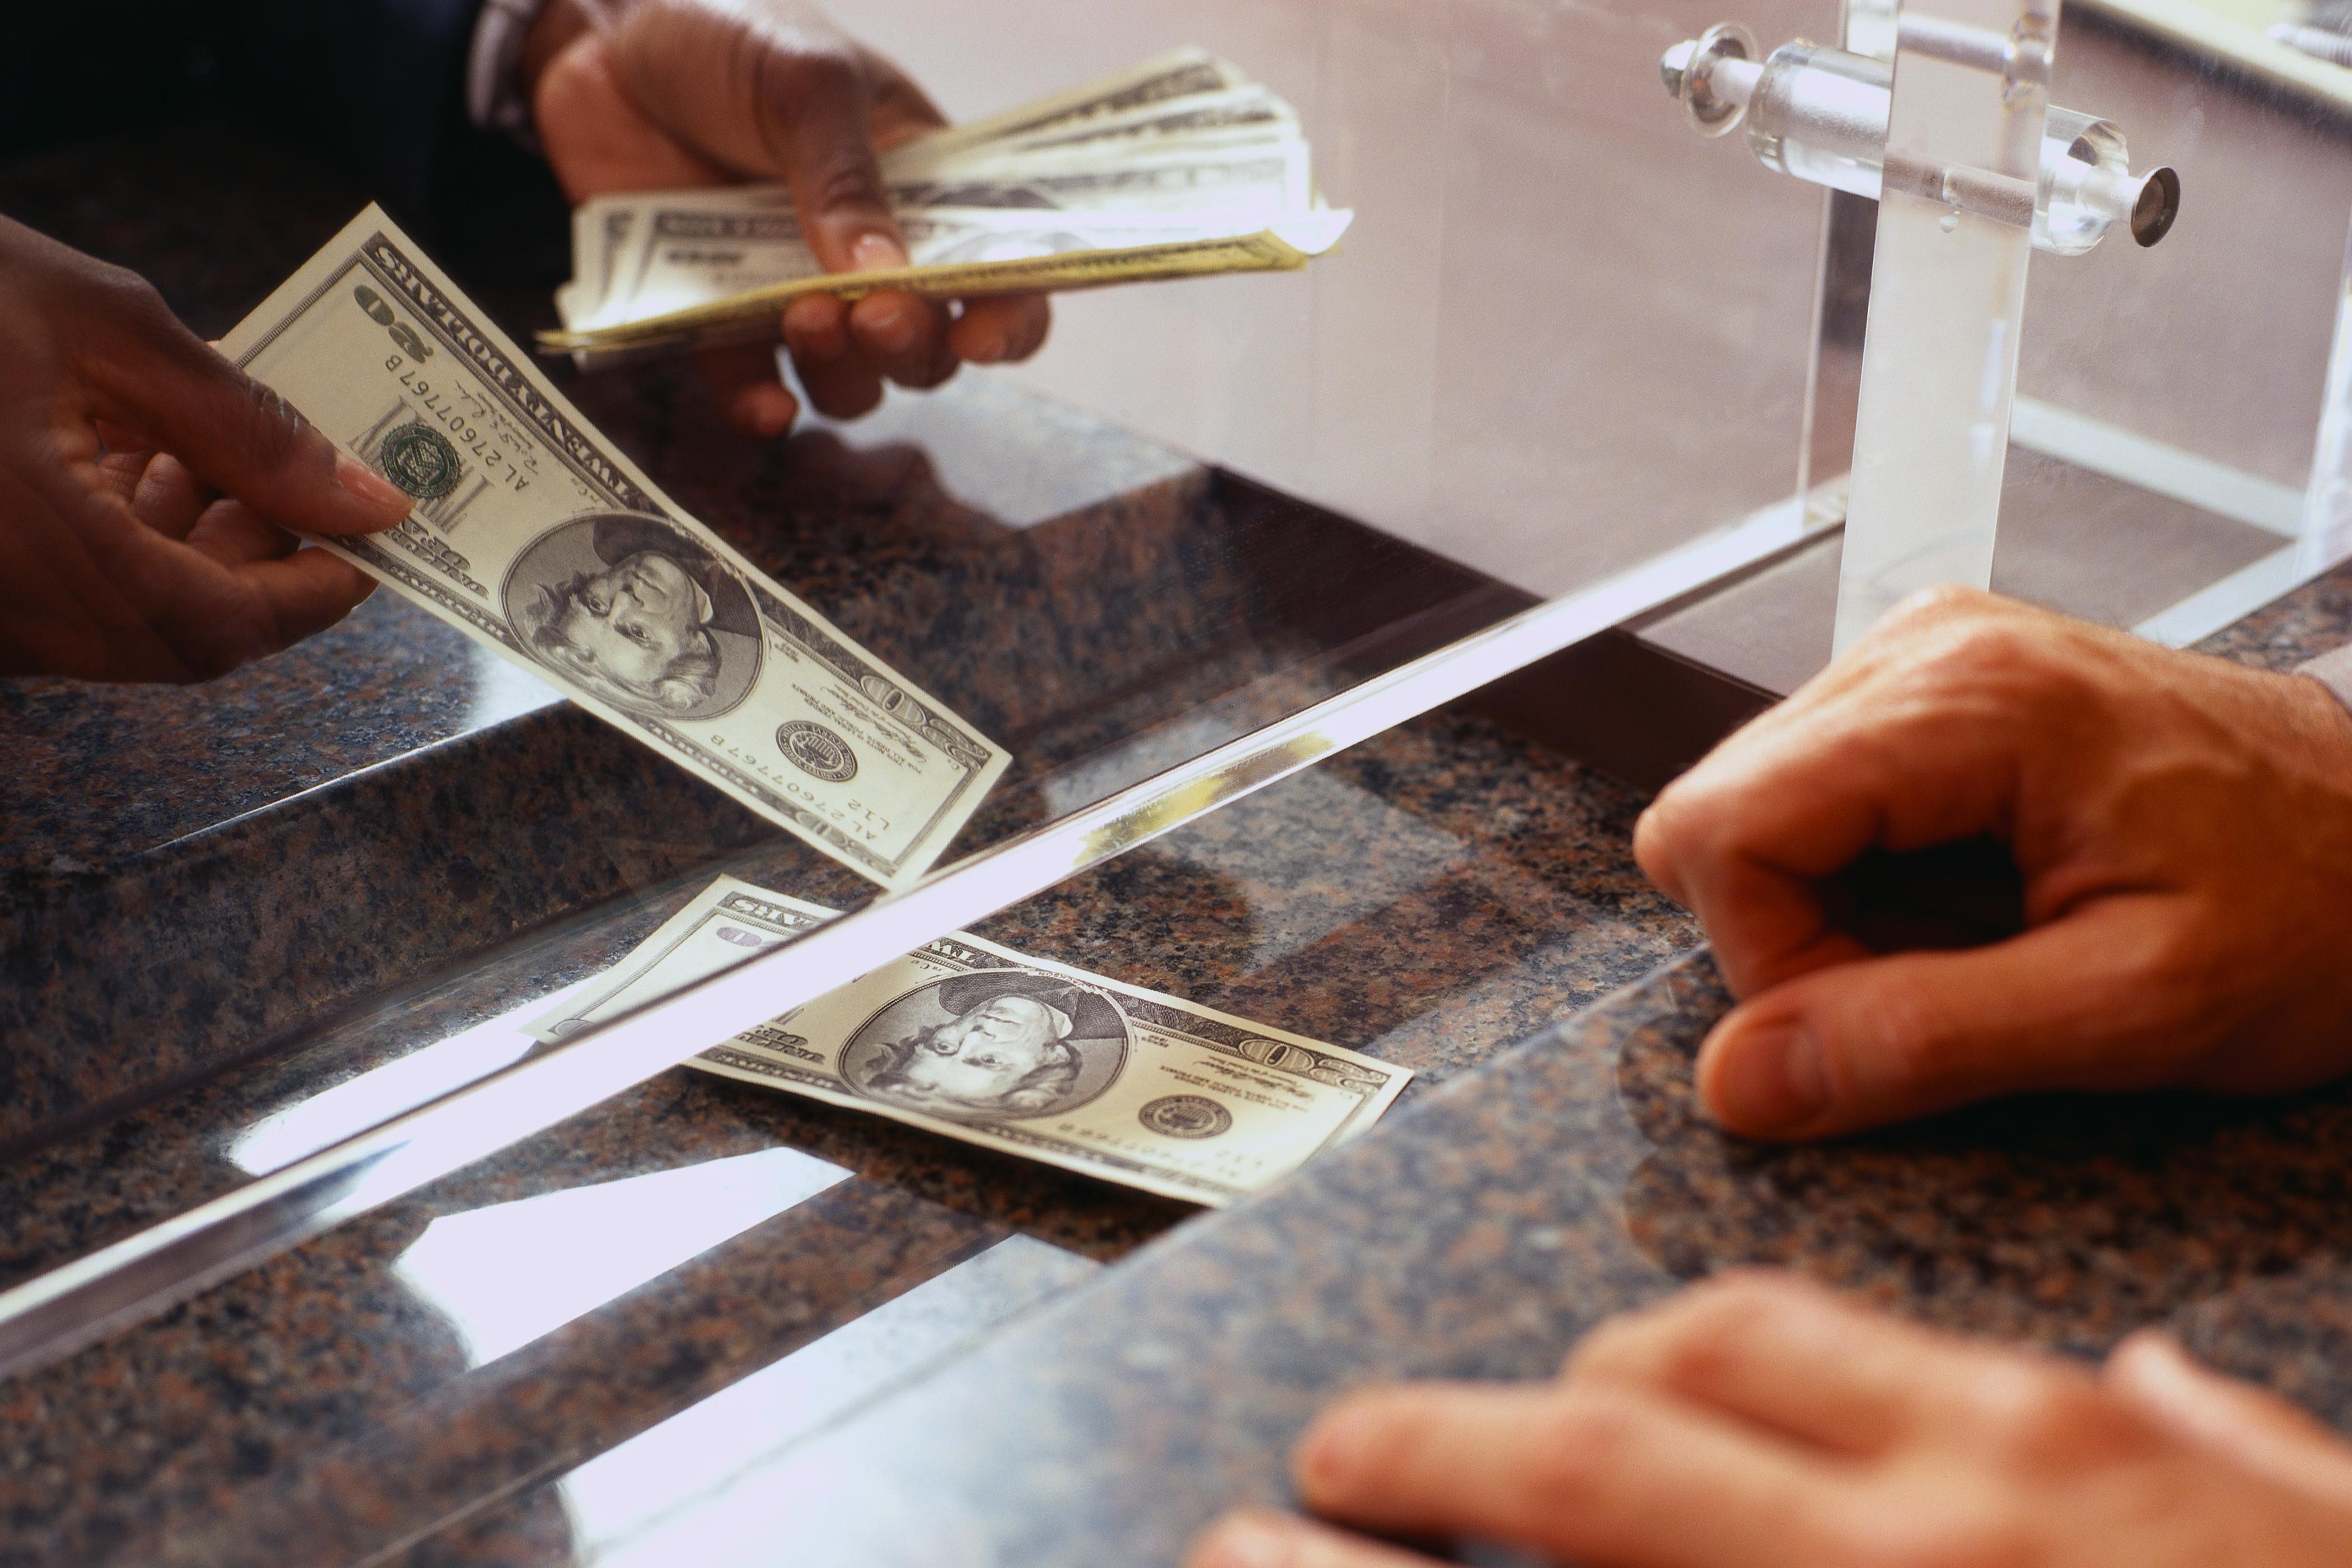 Hangi Sıklıkla Kredi Çekebilirim ?